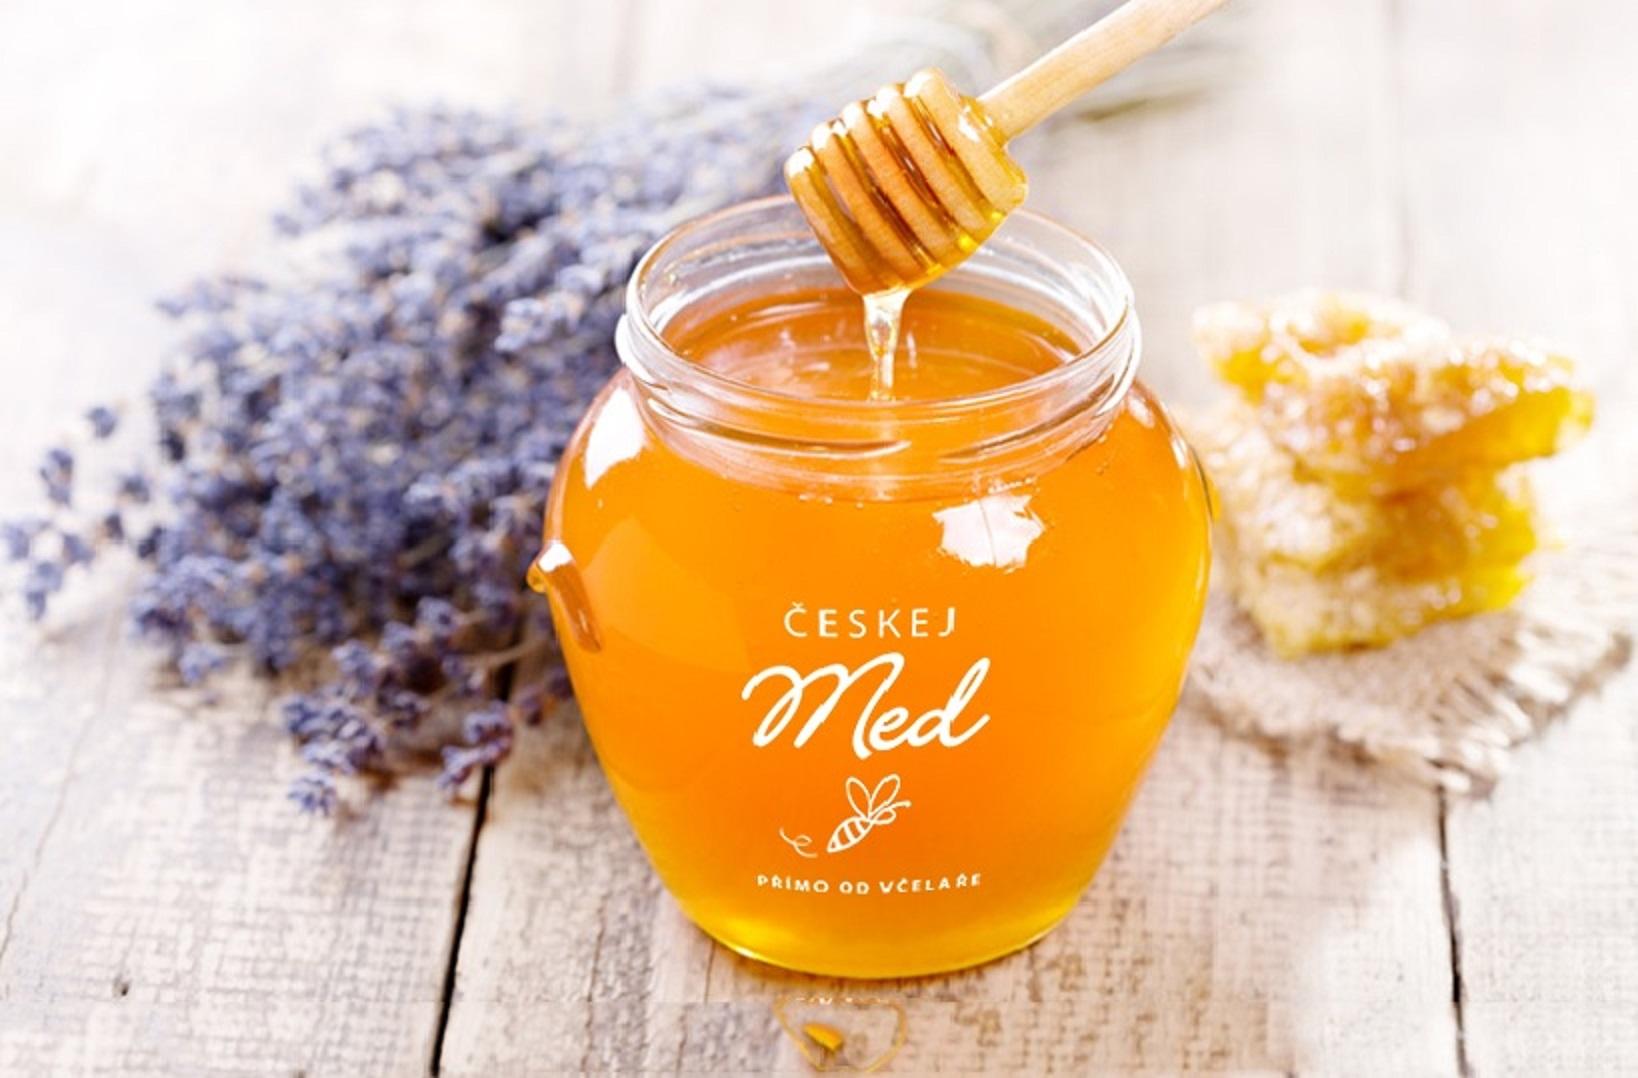 Slaďoučký a tak krásně voní! Dostali jste chutě? Tak honem mrkněte na naše medíky, včelky se snažily!